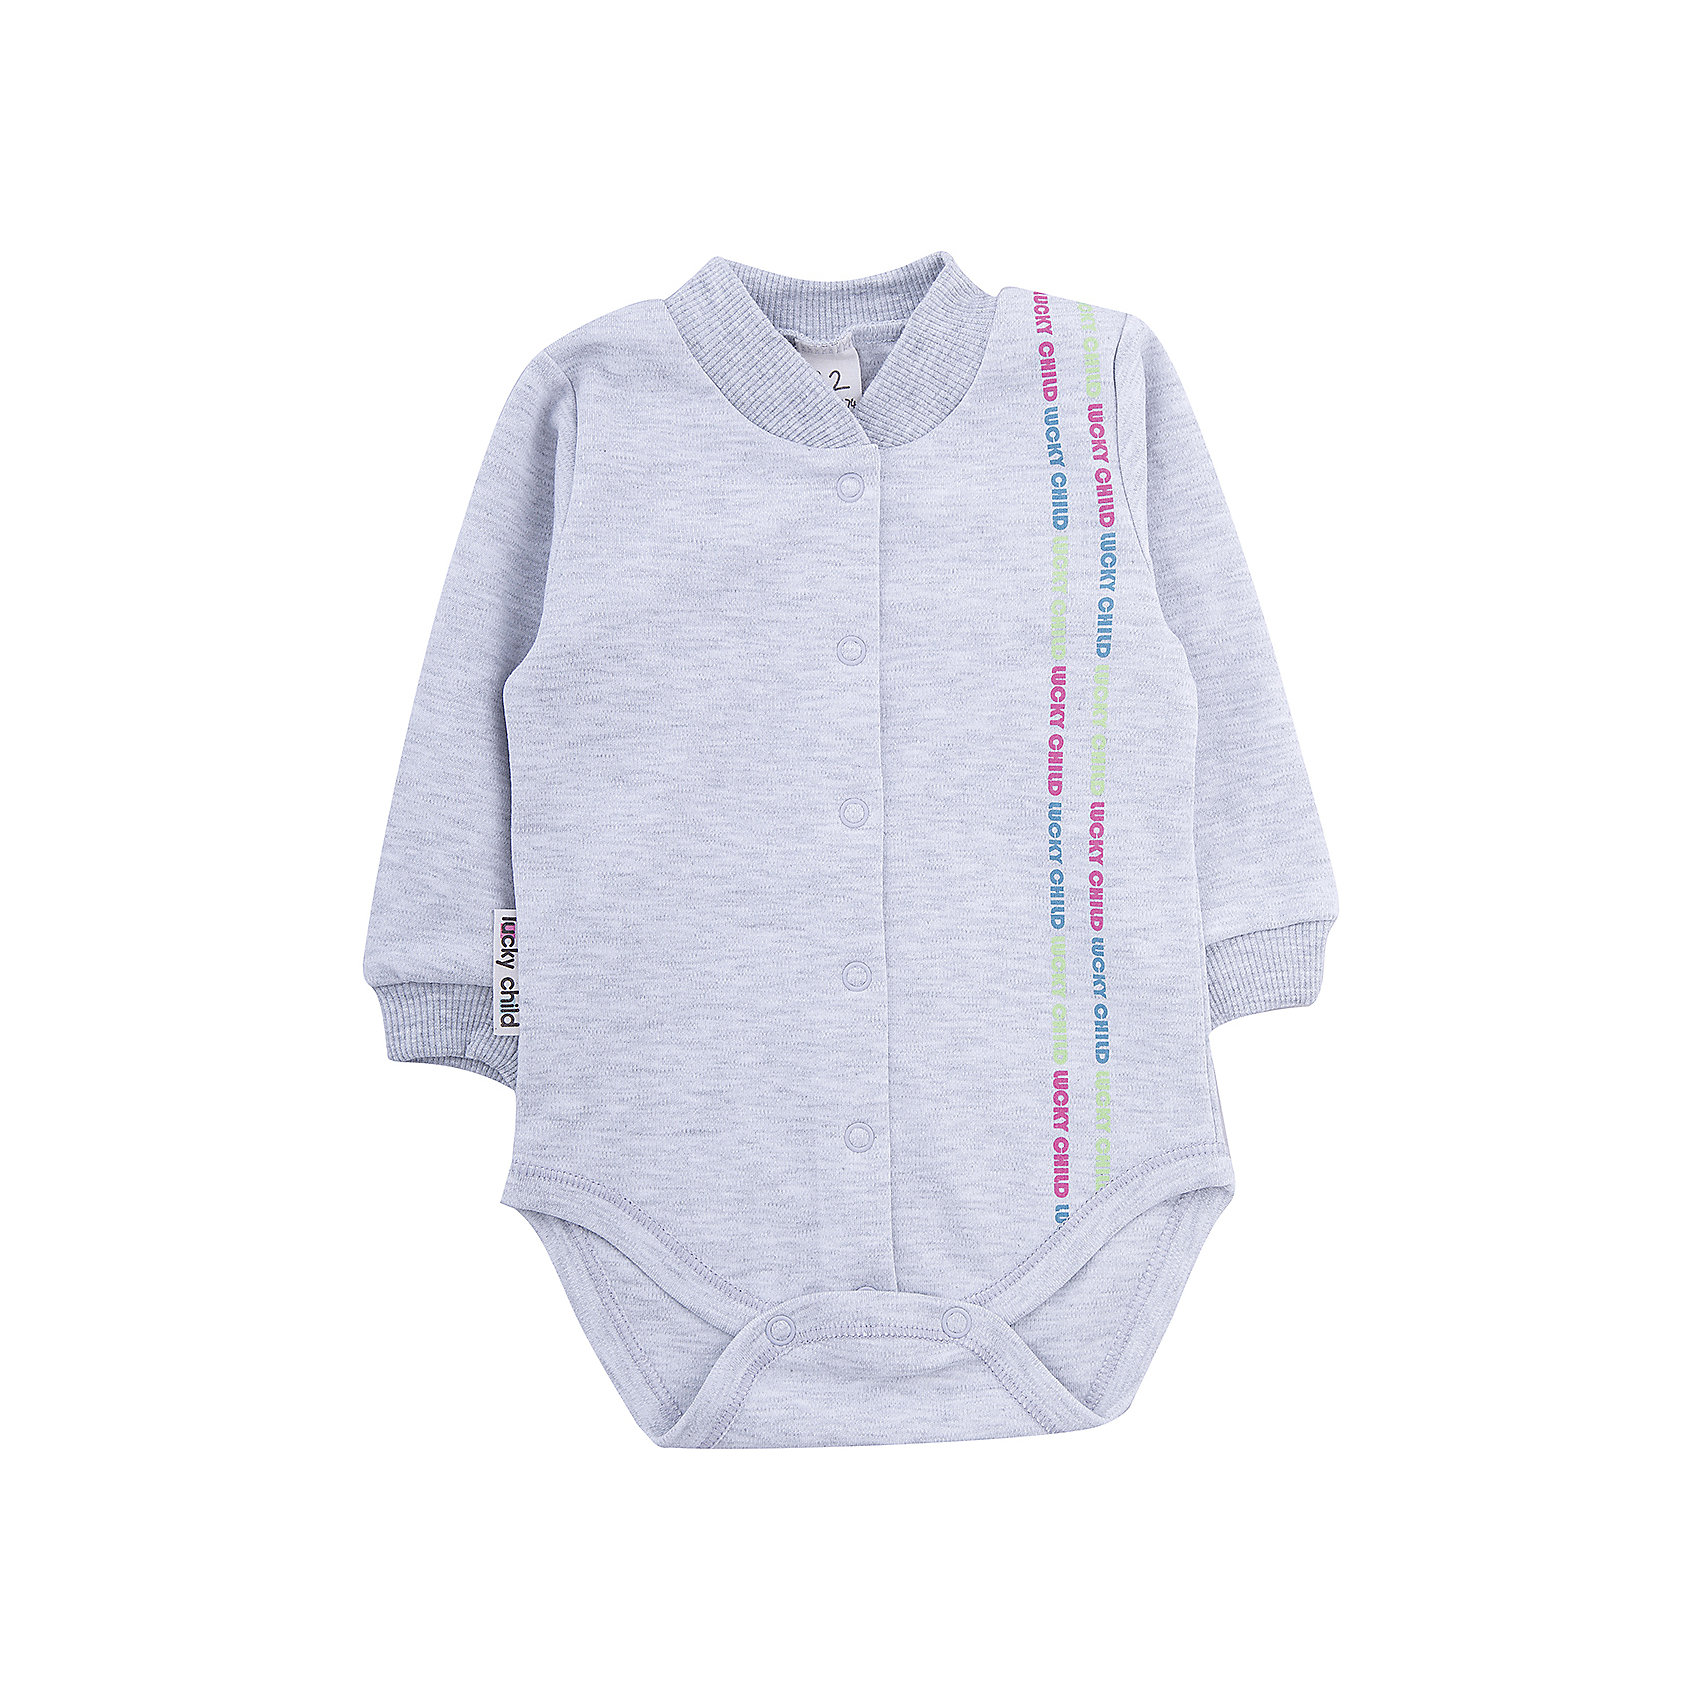 Боди  Lucky ChildБоди<br>Мягкое боди с длинным рукавом для ребенка. Нейтральный цвет, яркий принт. Манжеты и воротничок-стойка из трикотажной резинки. Удобная застежка - кнопки впереди и между ног. Изделие выполнено из гипоаллергенного трикотажа, очень приятного к телу 100% хлопок)<br><br>Ширина мм: 157<br>Глубина мм: 13<br>Высота мм: 119<br>Вес г: 200<br>Цвет: серый<br>Возраст от месяцев: 6<br>Возраст до месяцев: 9<br>Пол: Унисекс<br>Возраст: Детский<br>Размер: 68/74,62/68,56/62,74/80,80/86<br>SKU: 3340743